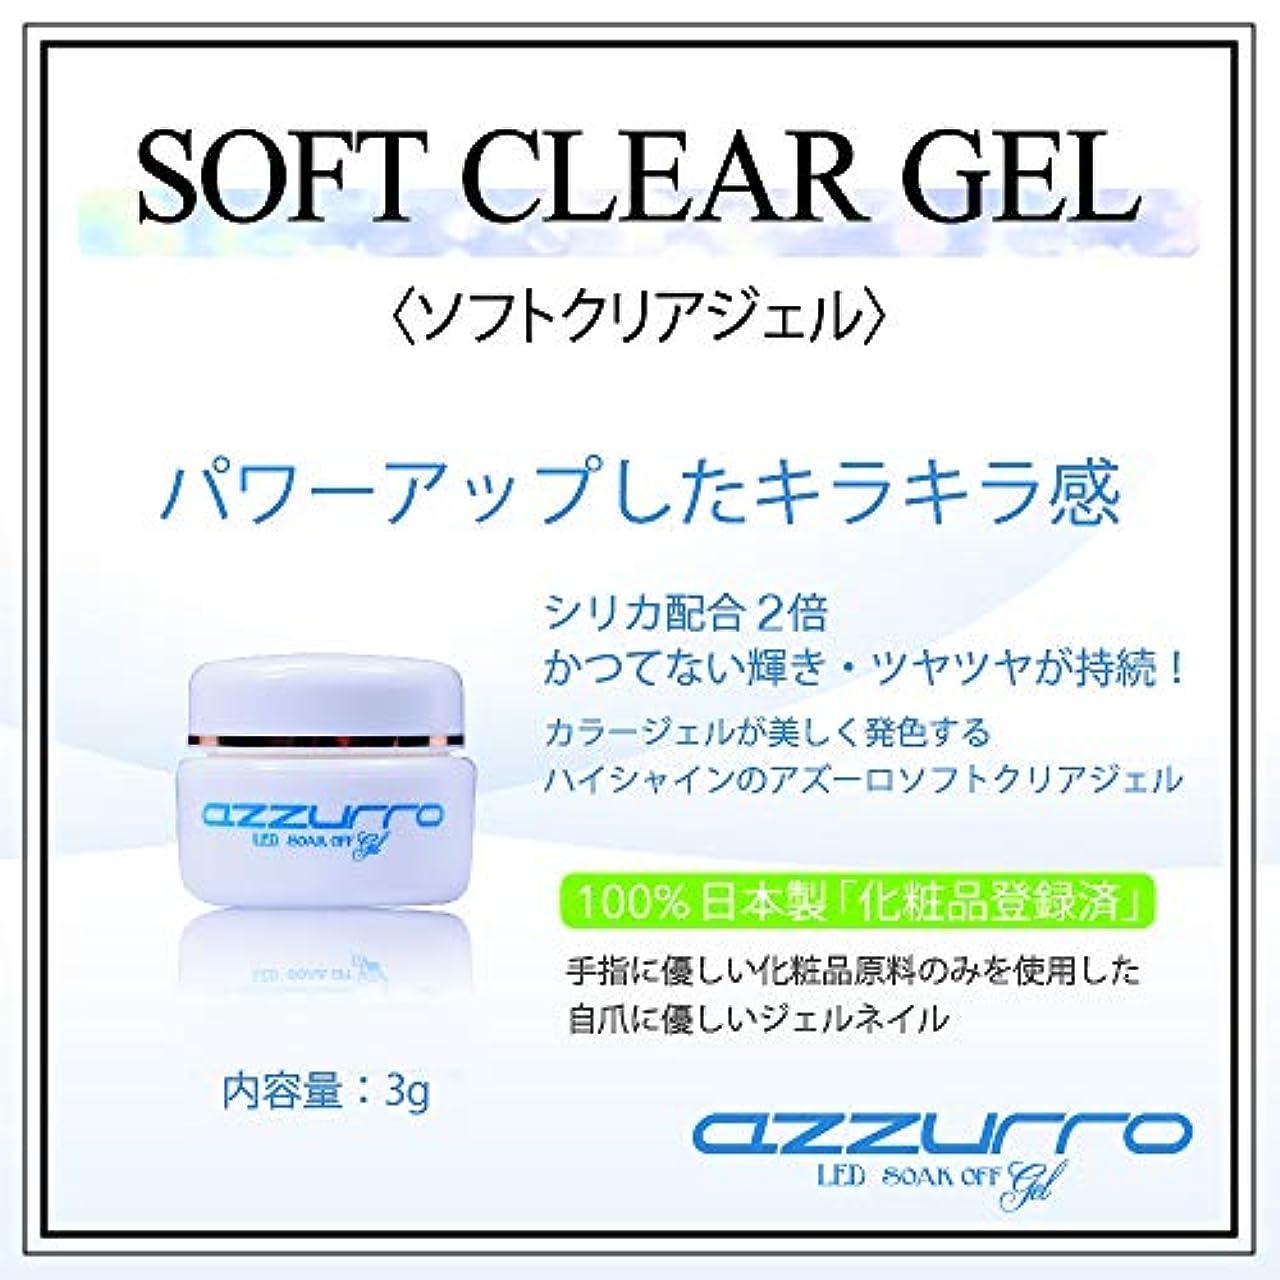 数学的な素晴らしい丈夫azzurro gel アッズーロ ソフトクリアージェル ツヤツヤ キラキラ感持続 抜群のツヤ 爪に優しい日本製 3g